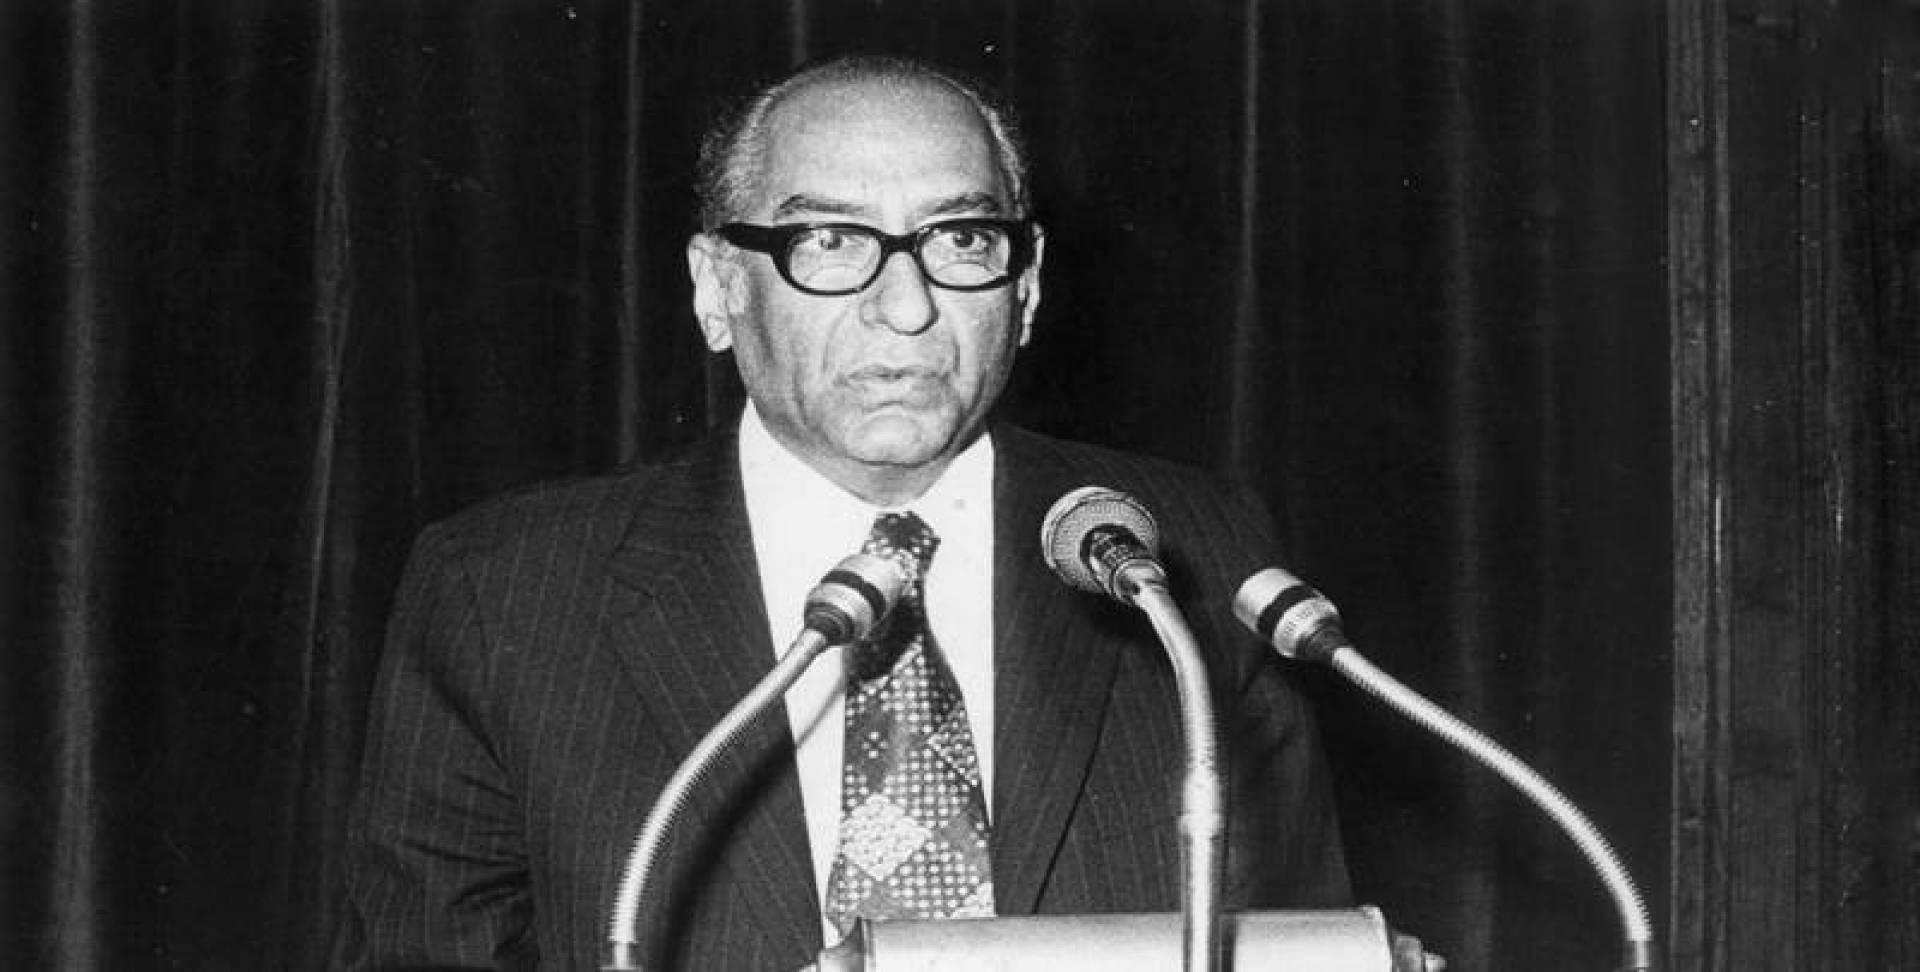 1974  عبدالعزيز حسين : سوريا لم تكن وحدها أمام إسرائيل  فالجيش الكويتي شارك في القتال